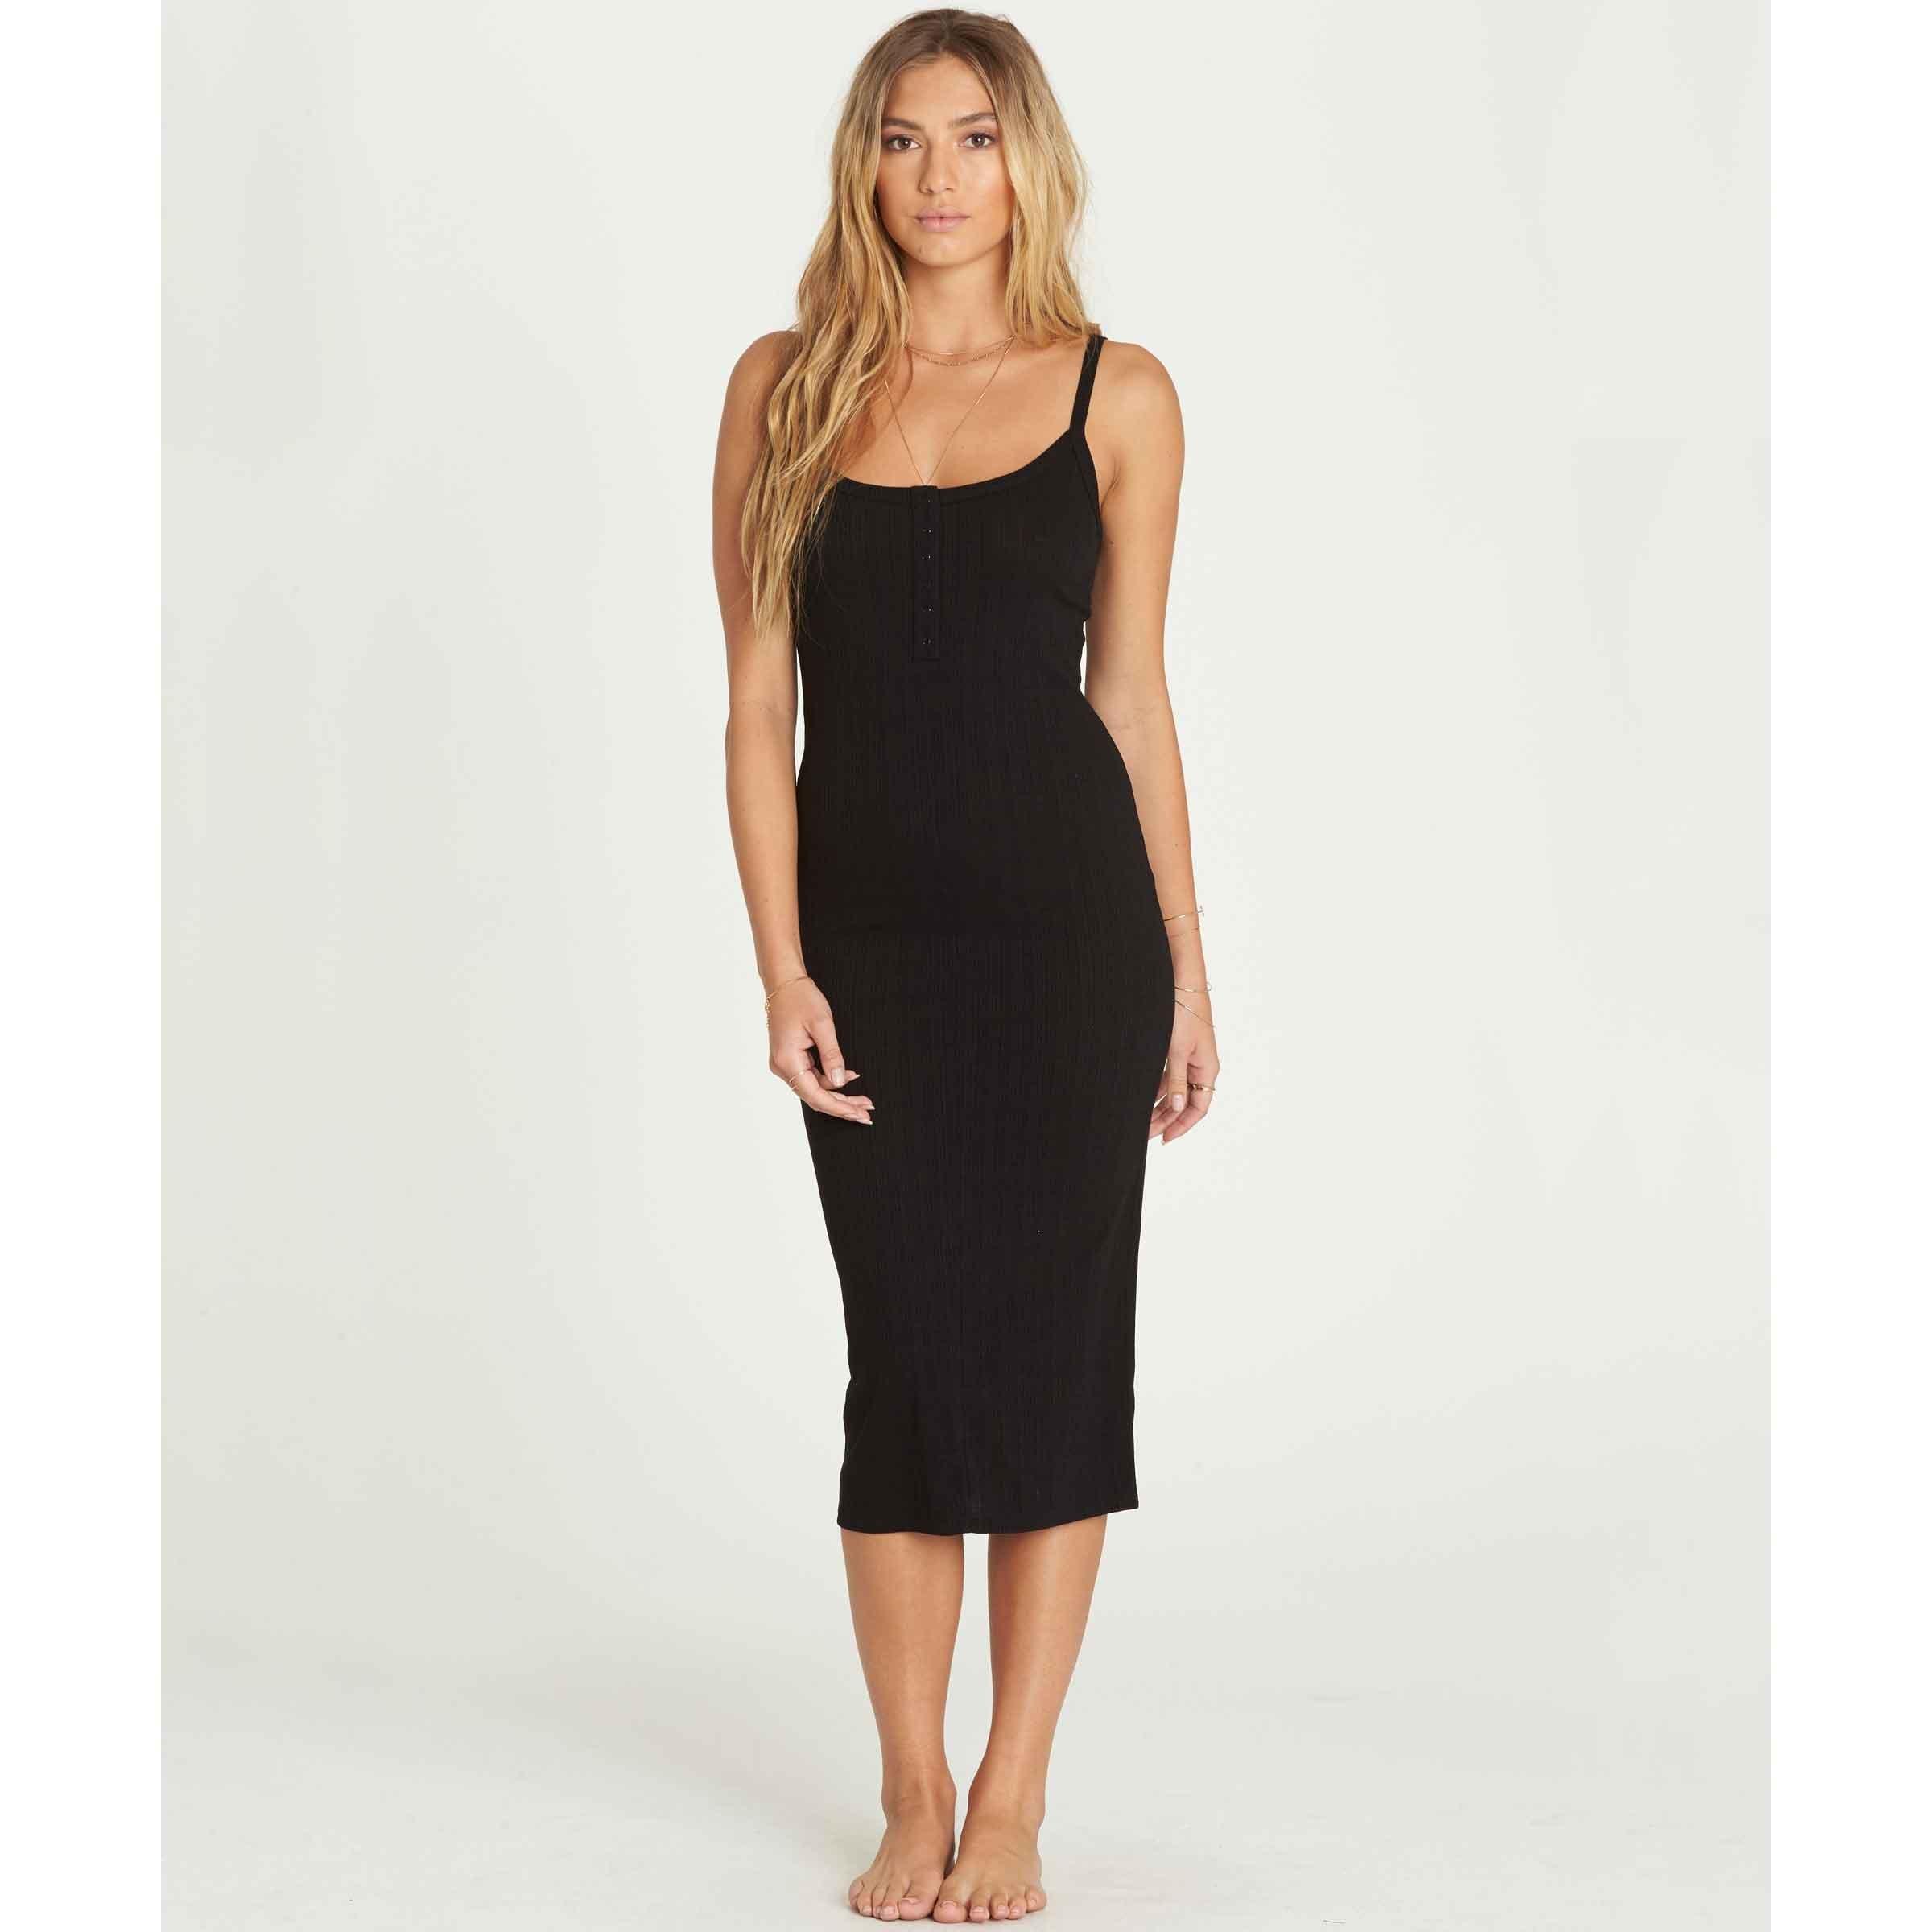 Billabong Women's Summer Fling Dress, Black, XS